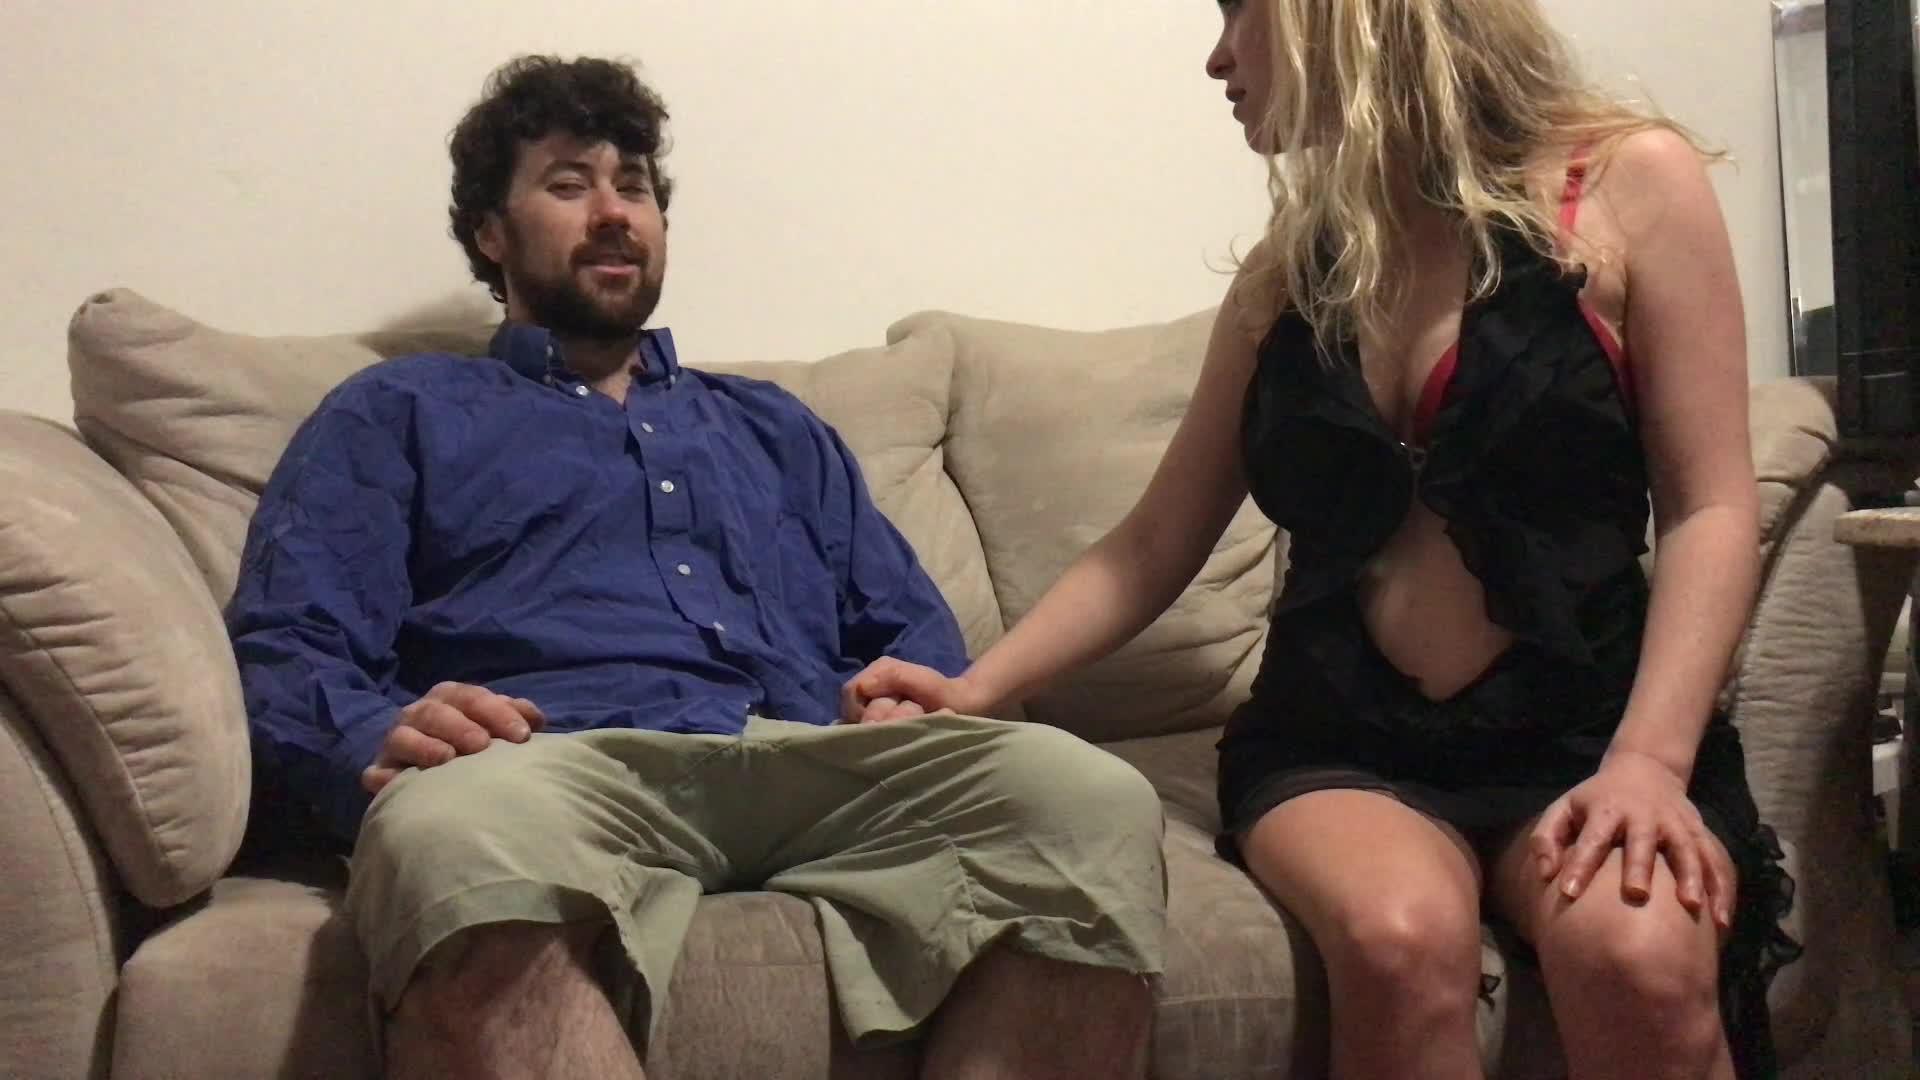 milian-sex-neighbour-moms-nude